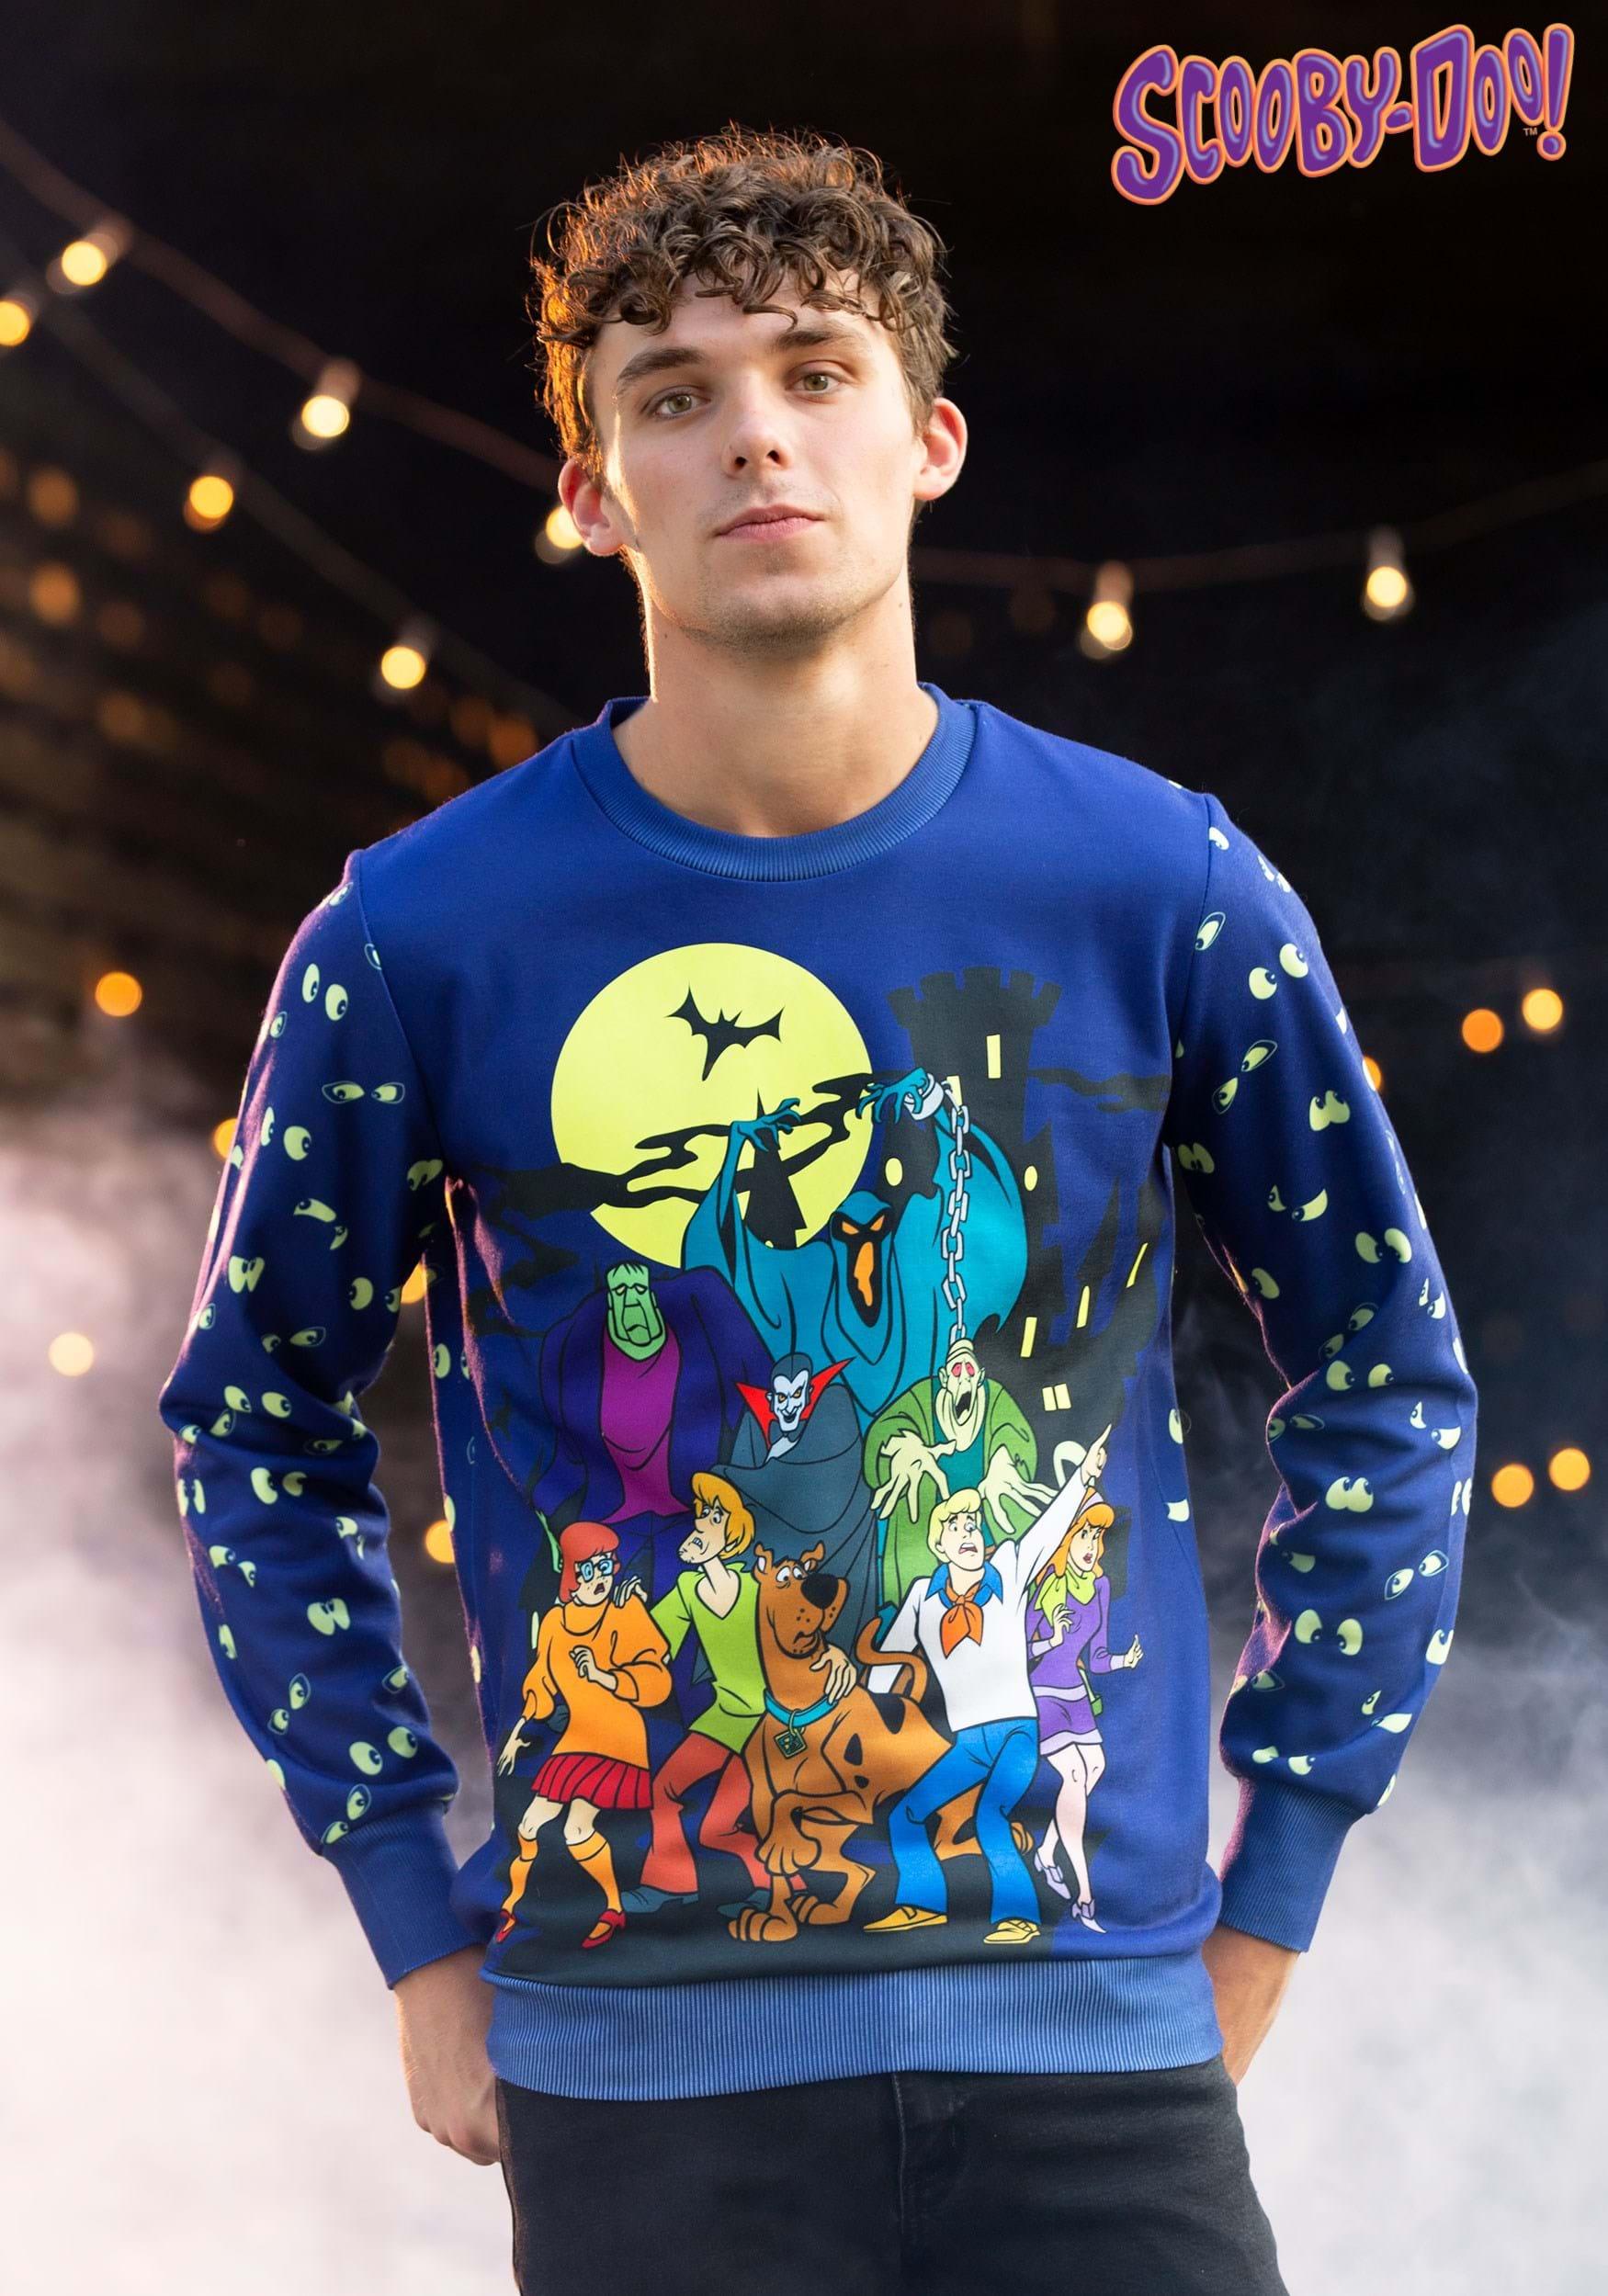 Scooby Doo Glow in the Dark Halloween Sweatshirt